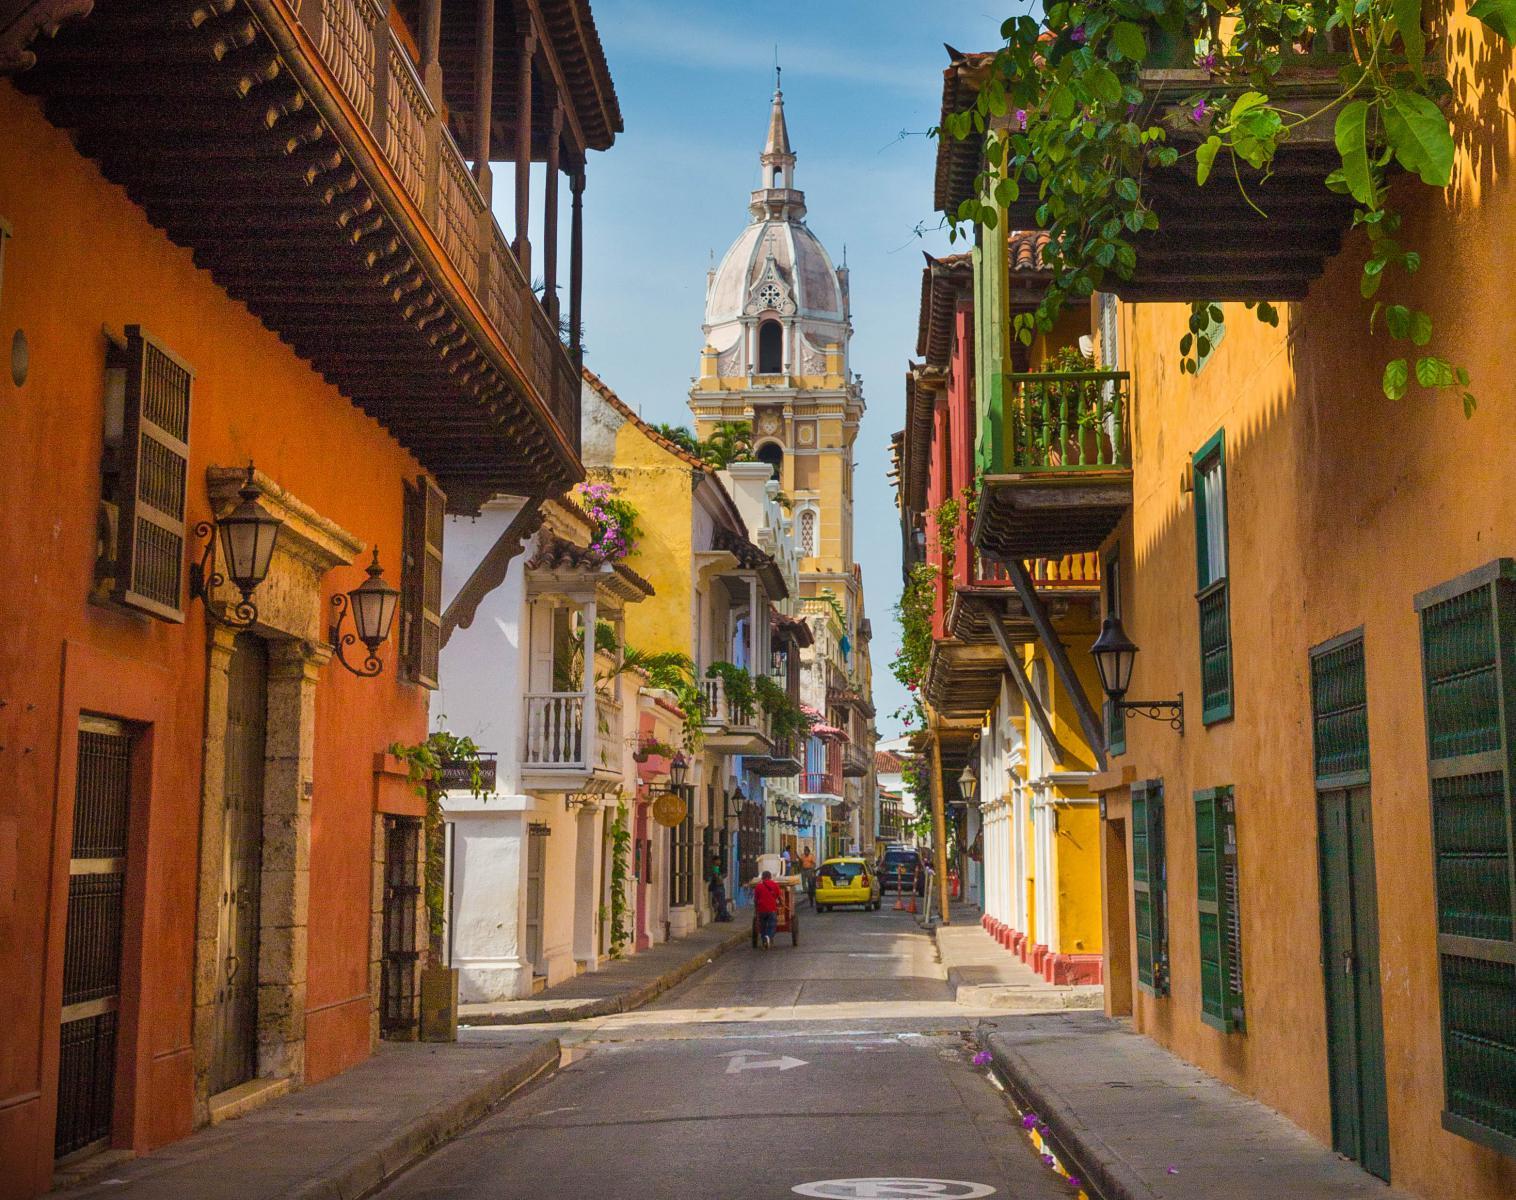 Colombie  Joyaux et détours secrets de Colombie   Découverte Trek & Randonnée Navigation Rencontres et cultures du Monde